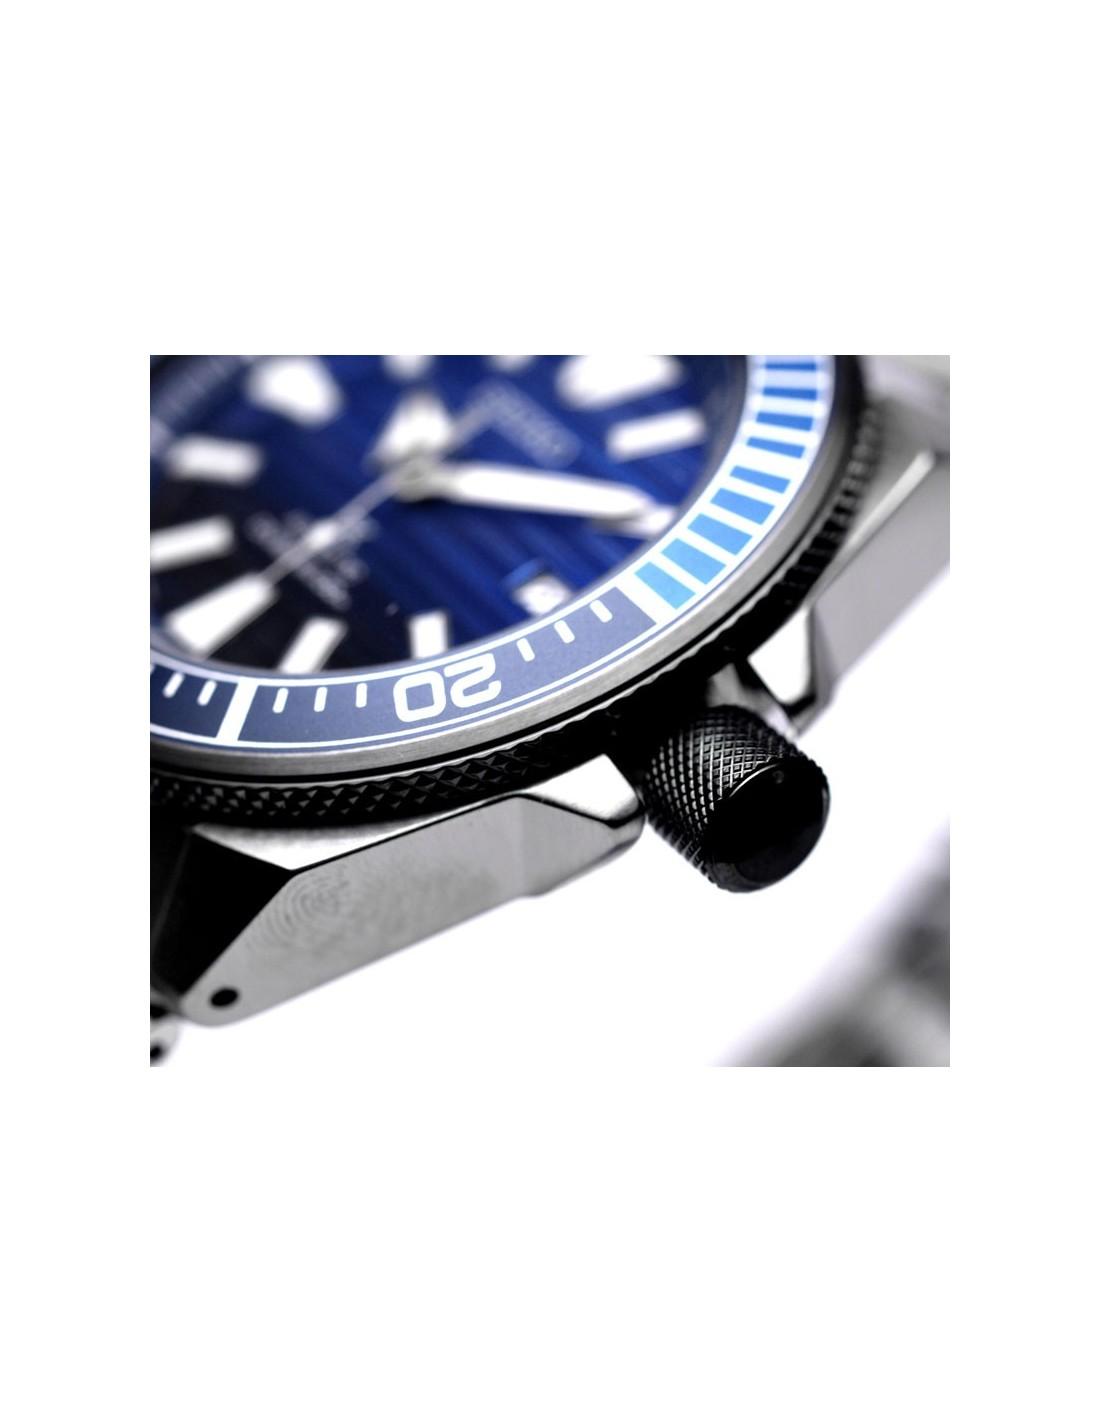 ce6bcbc7aef ... Relógio Seiko Prospex Automático Diver´s Samurai